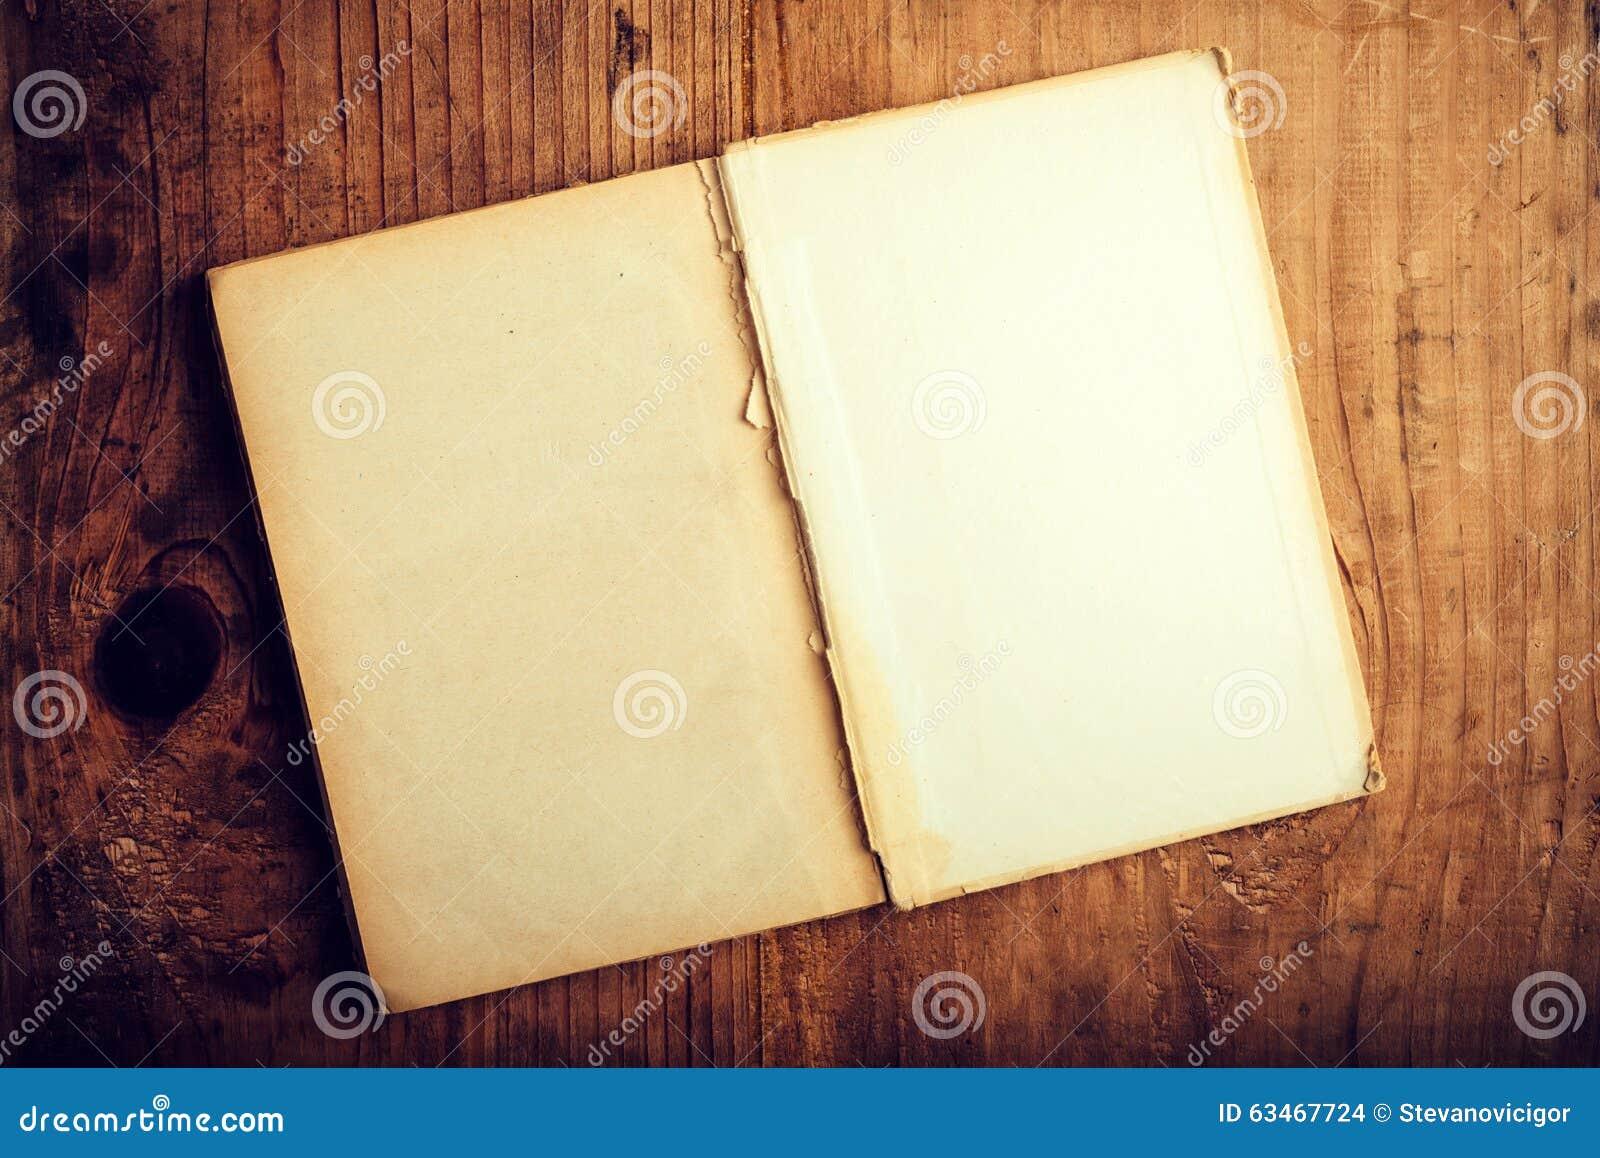 Libro viejo con las paginaciones en blanco